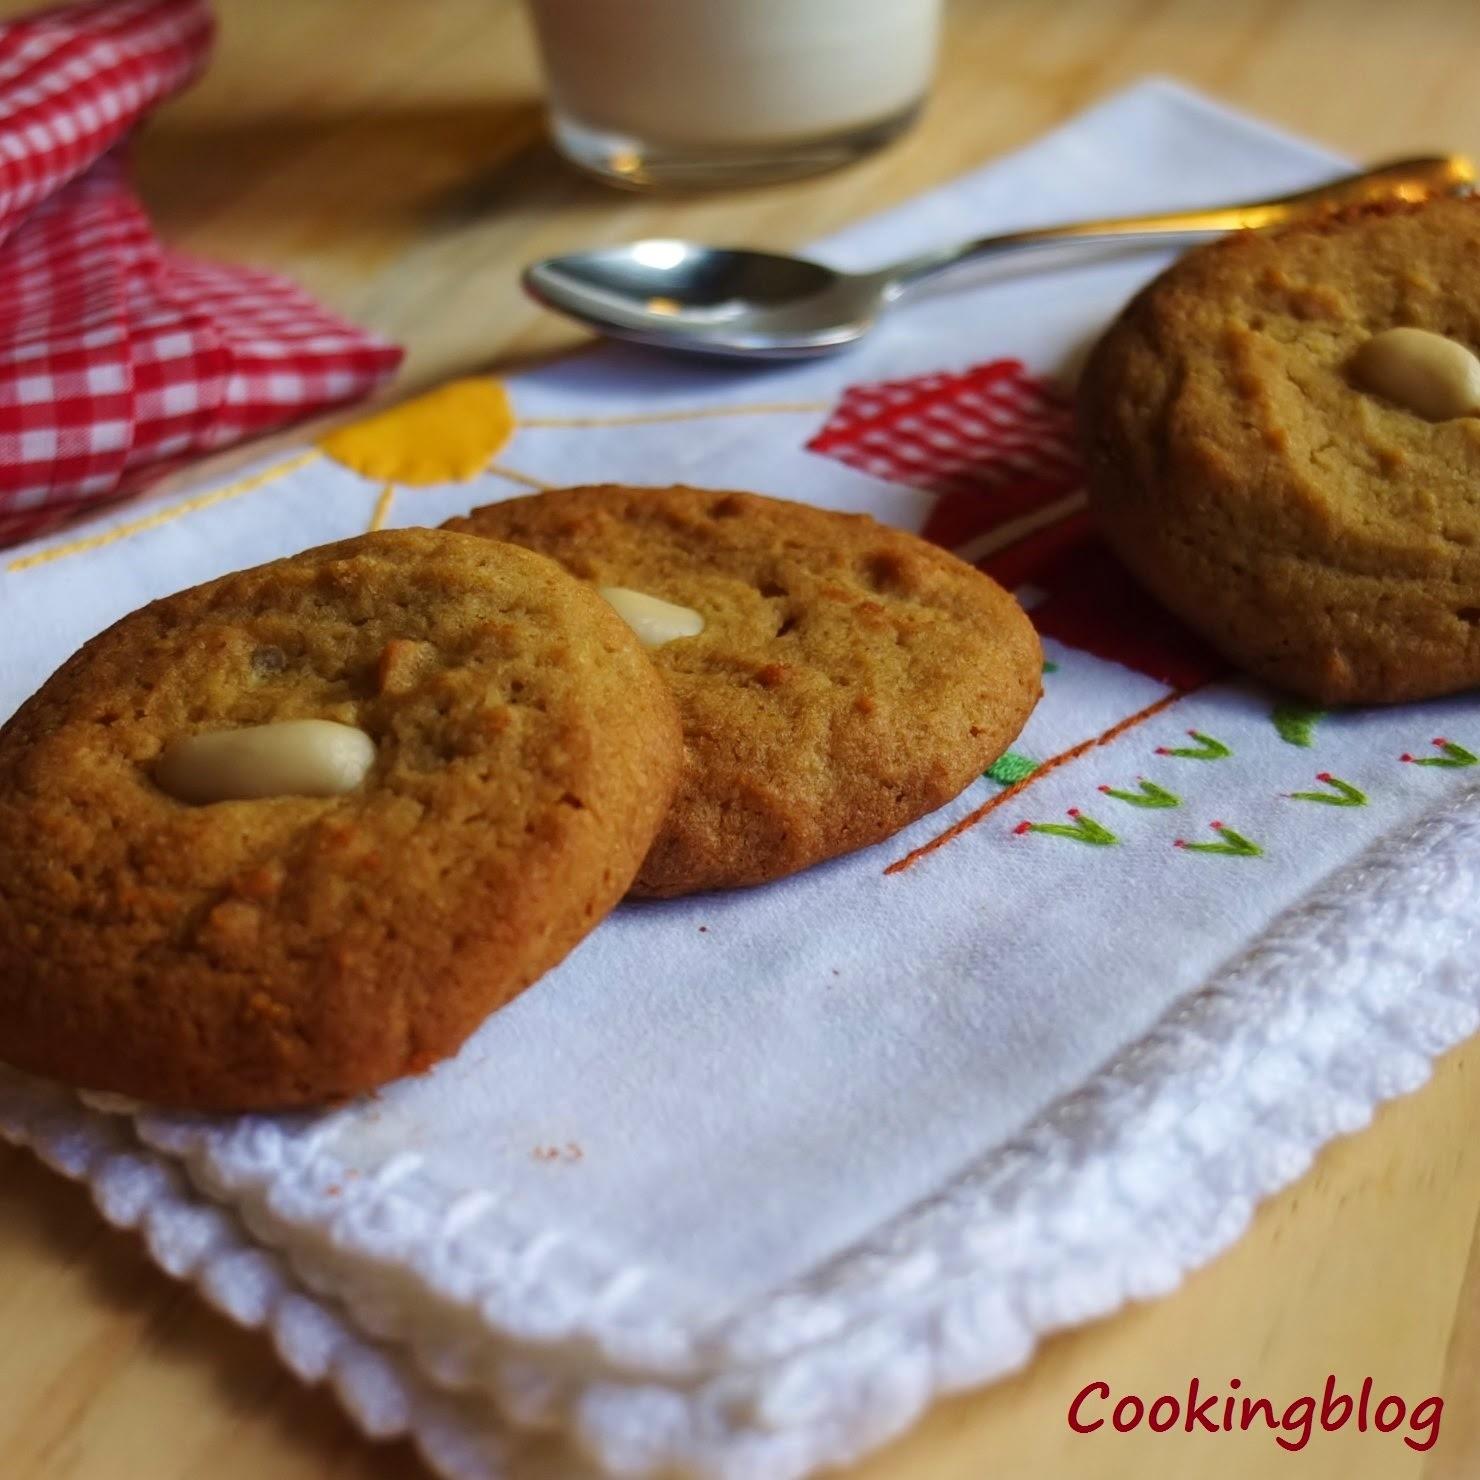 biscoitos amanteigados de amendoim